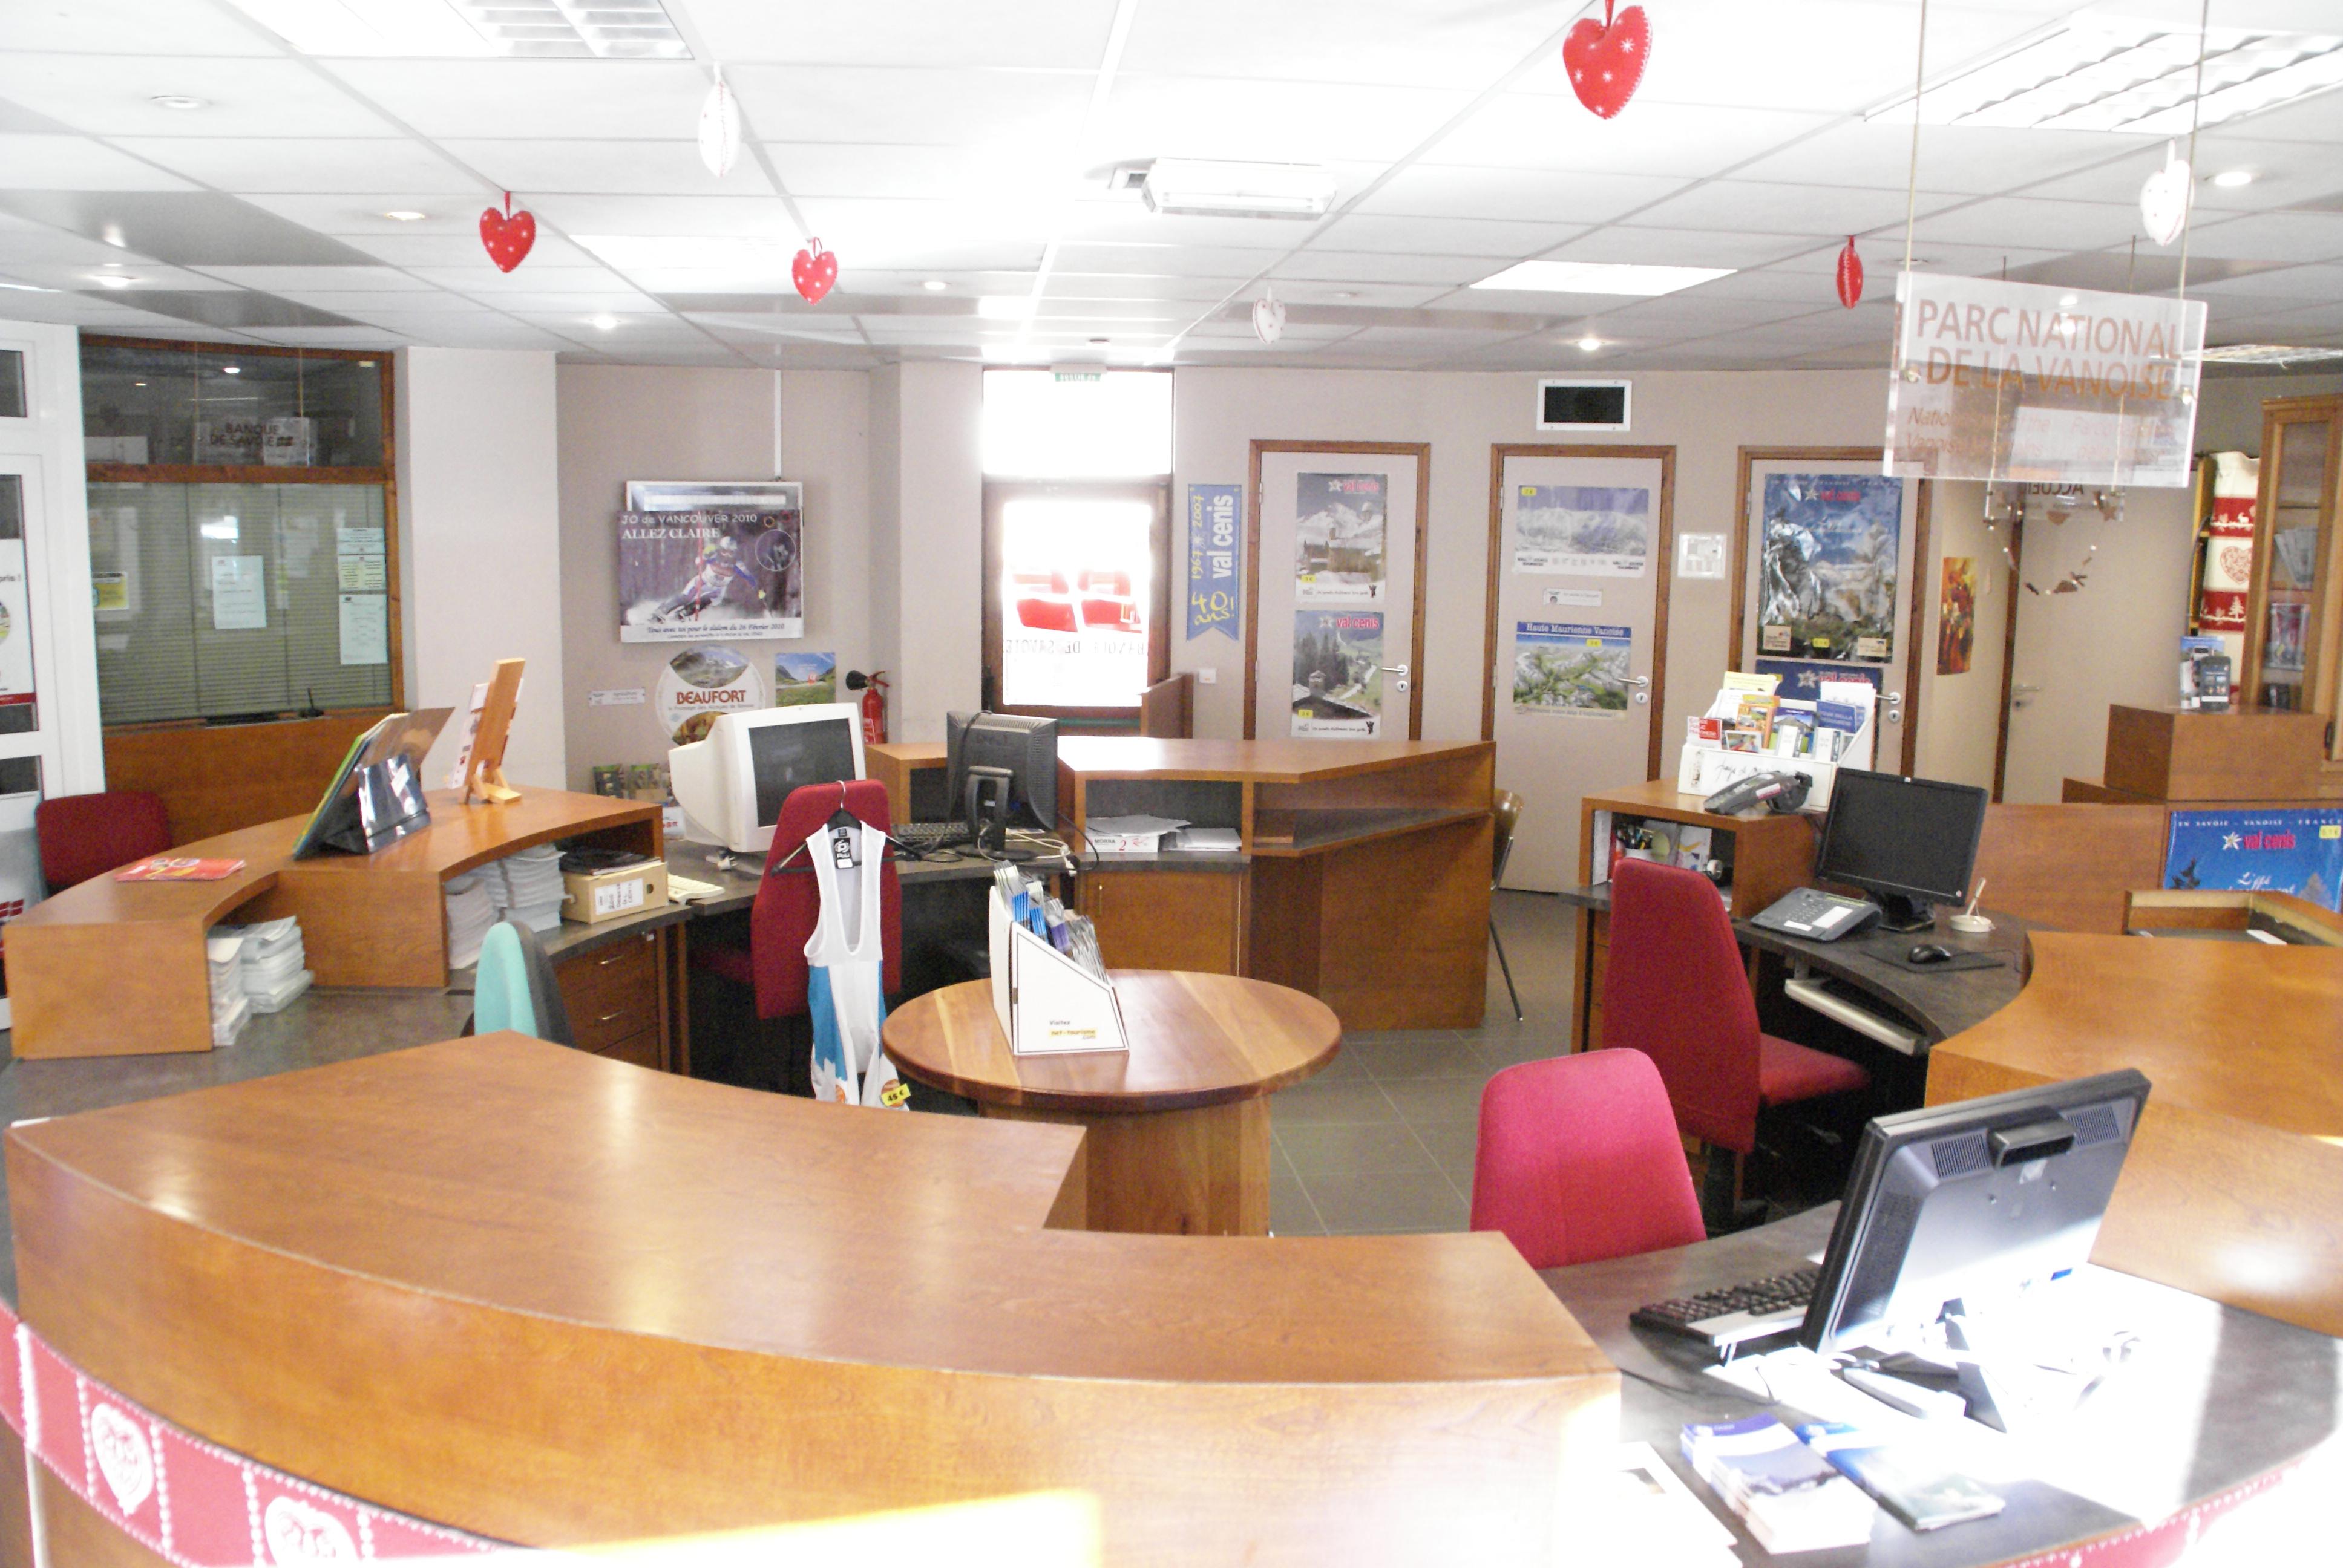 Office de tourisme bureau de val cenis lanslevillard savoie mont blanc savoie et haute - Office de tourisme de bonneval sur arc ...